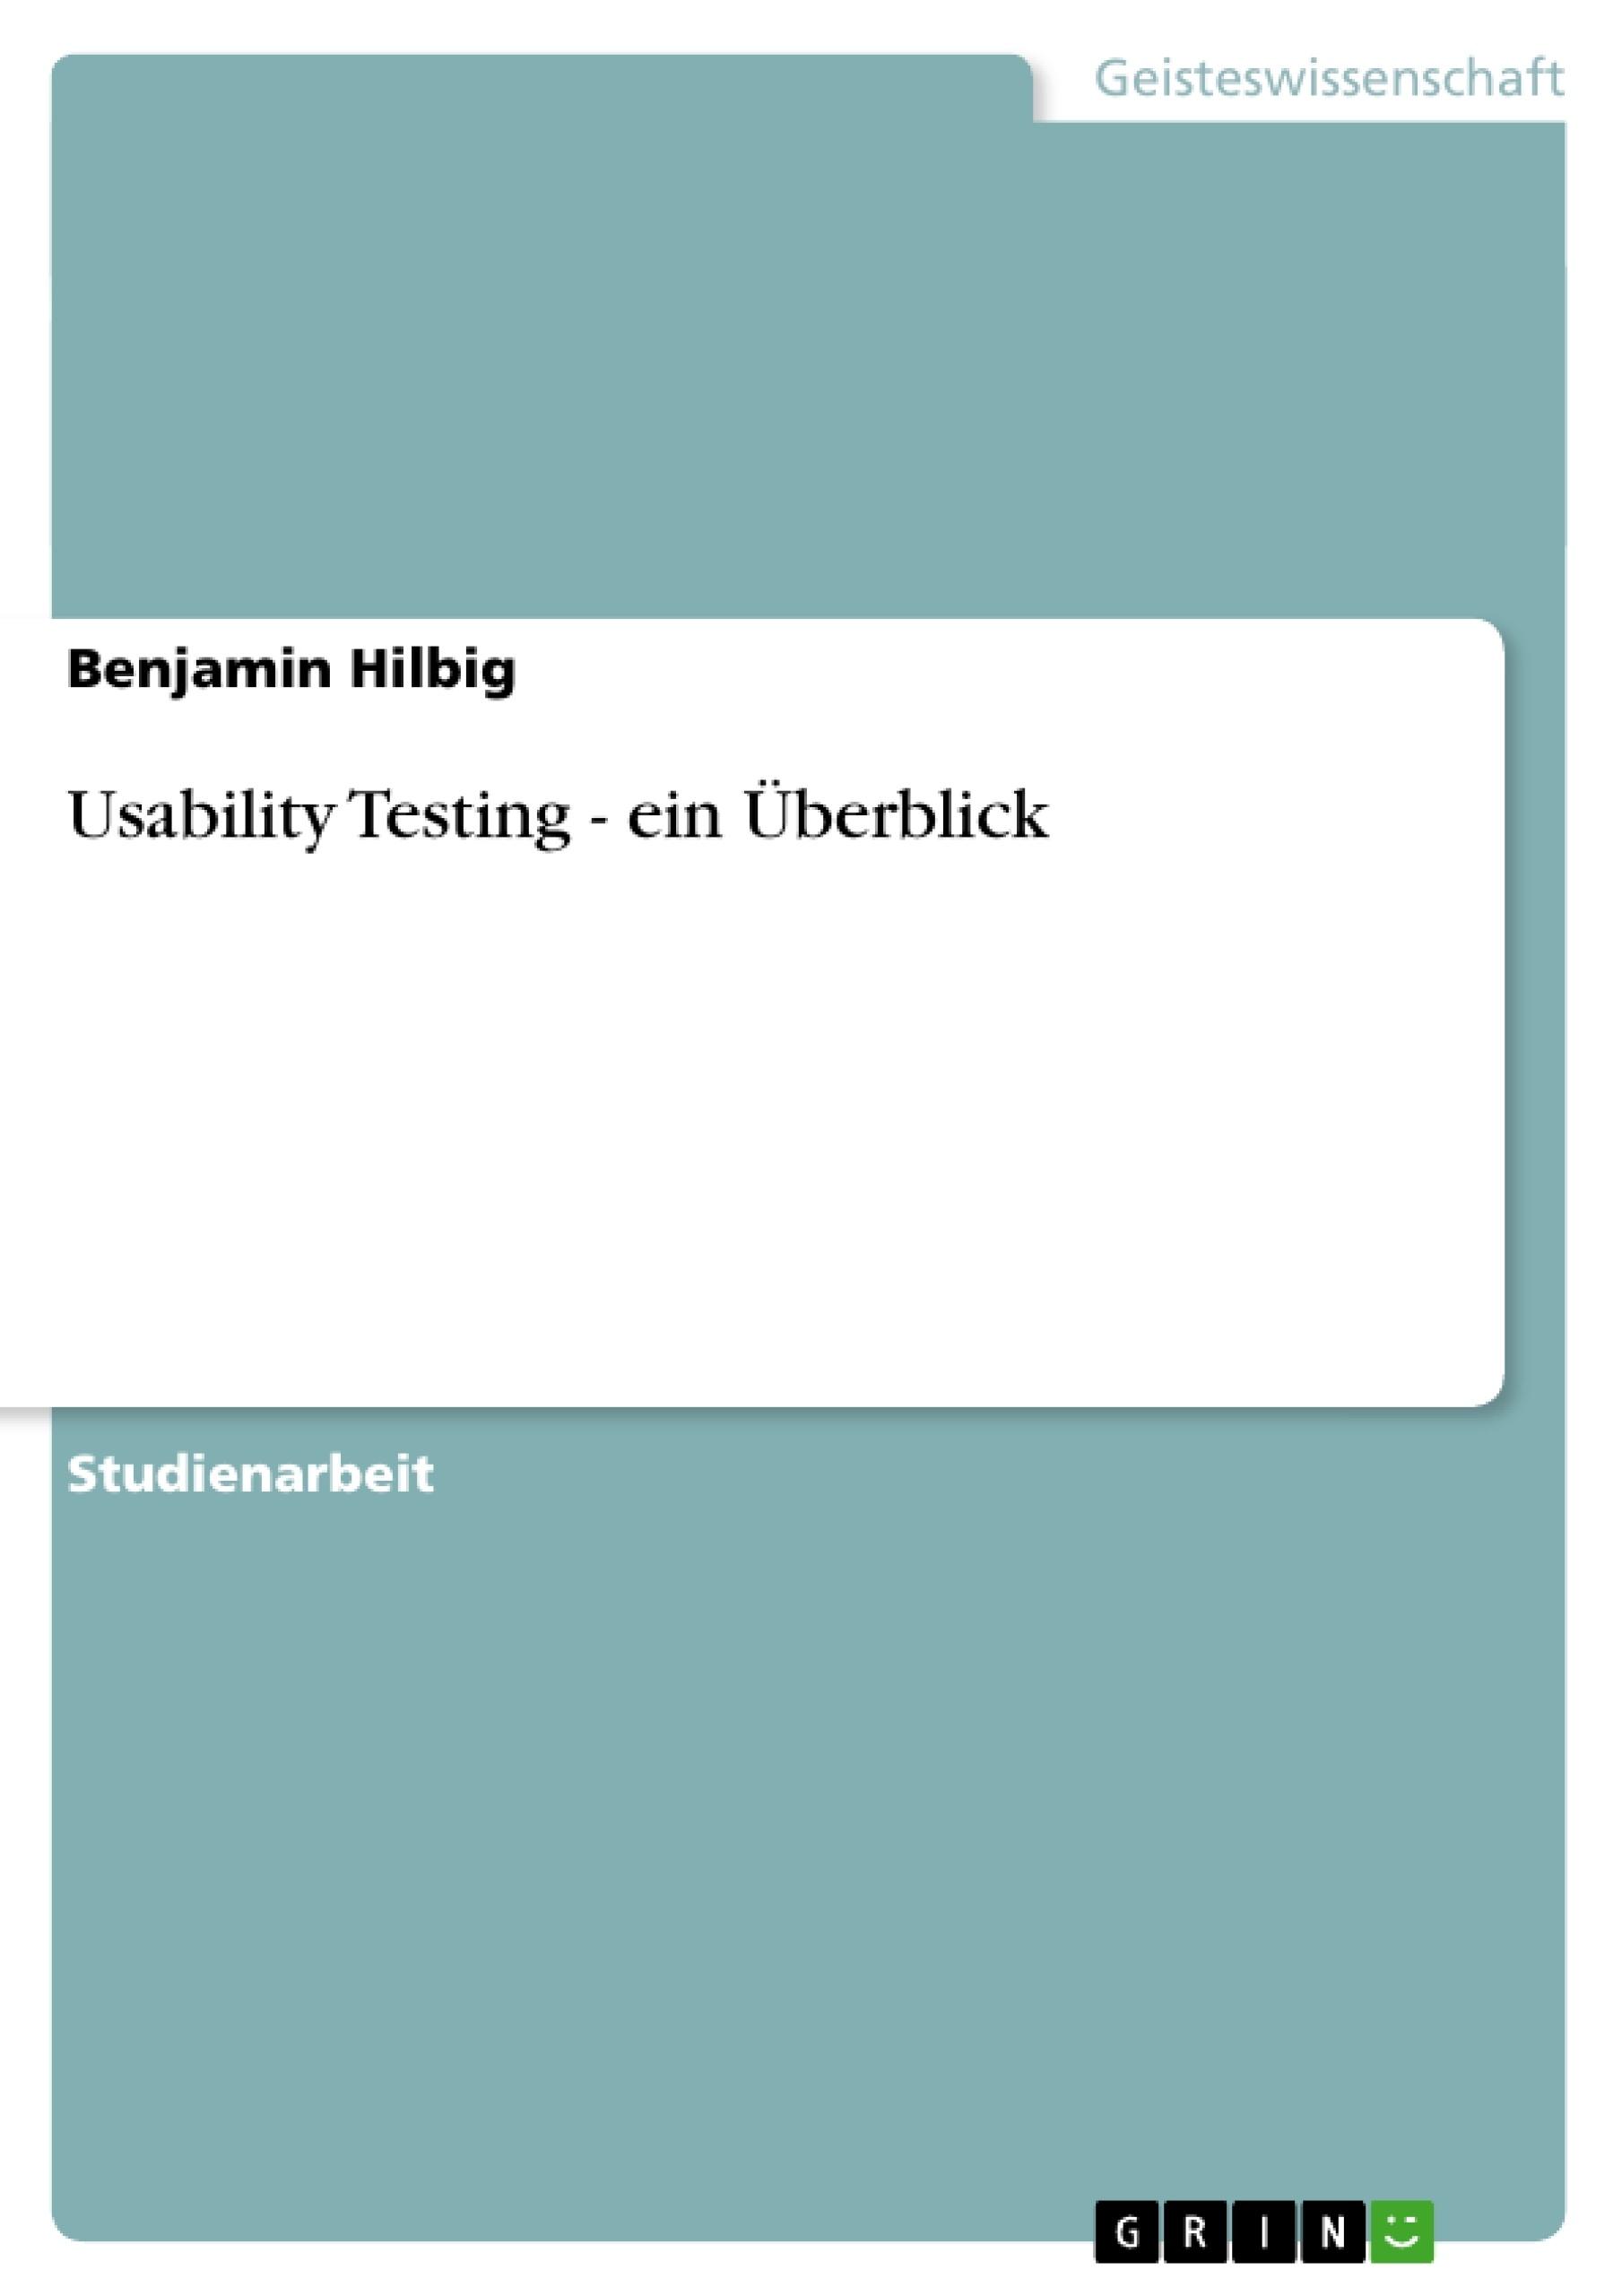 Gemütlich Professionelle Berichtsvorlage Ideen - Entry Level Resume ...